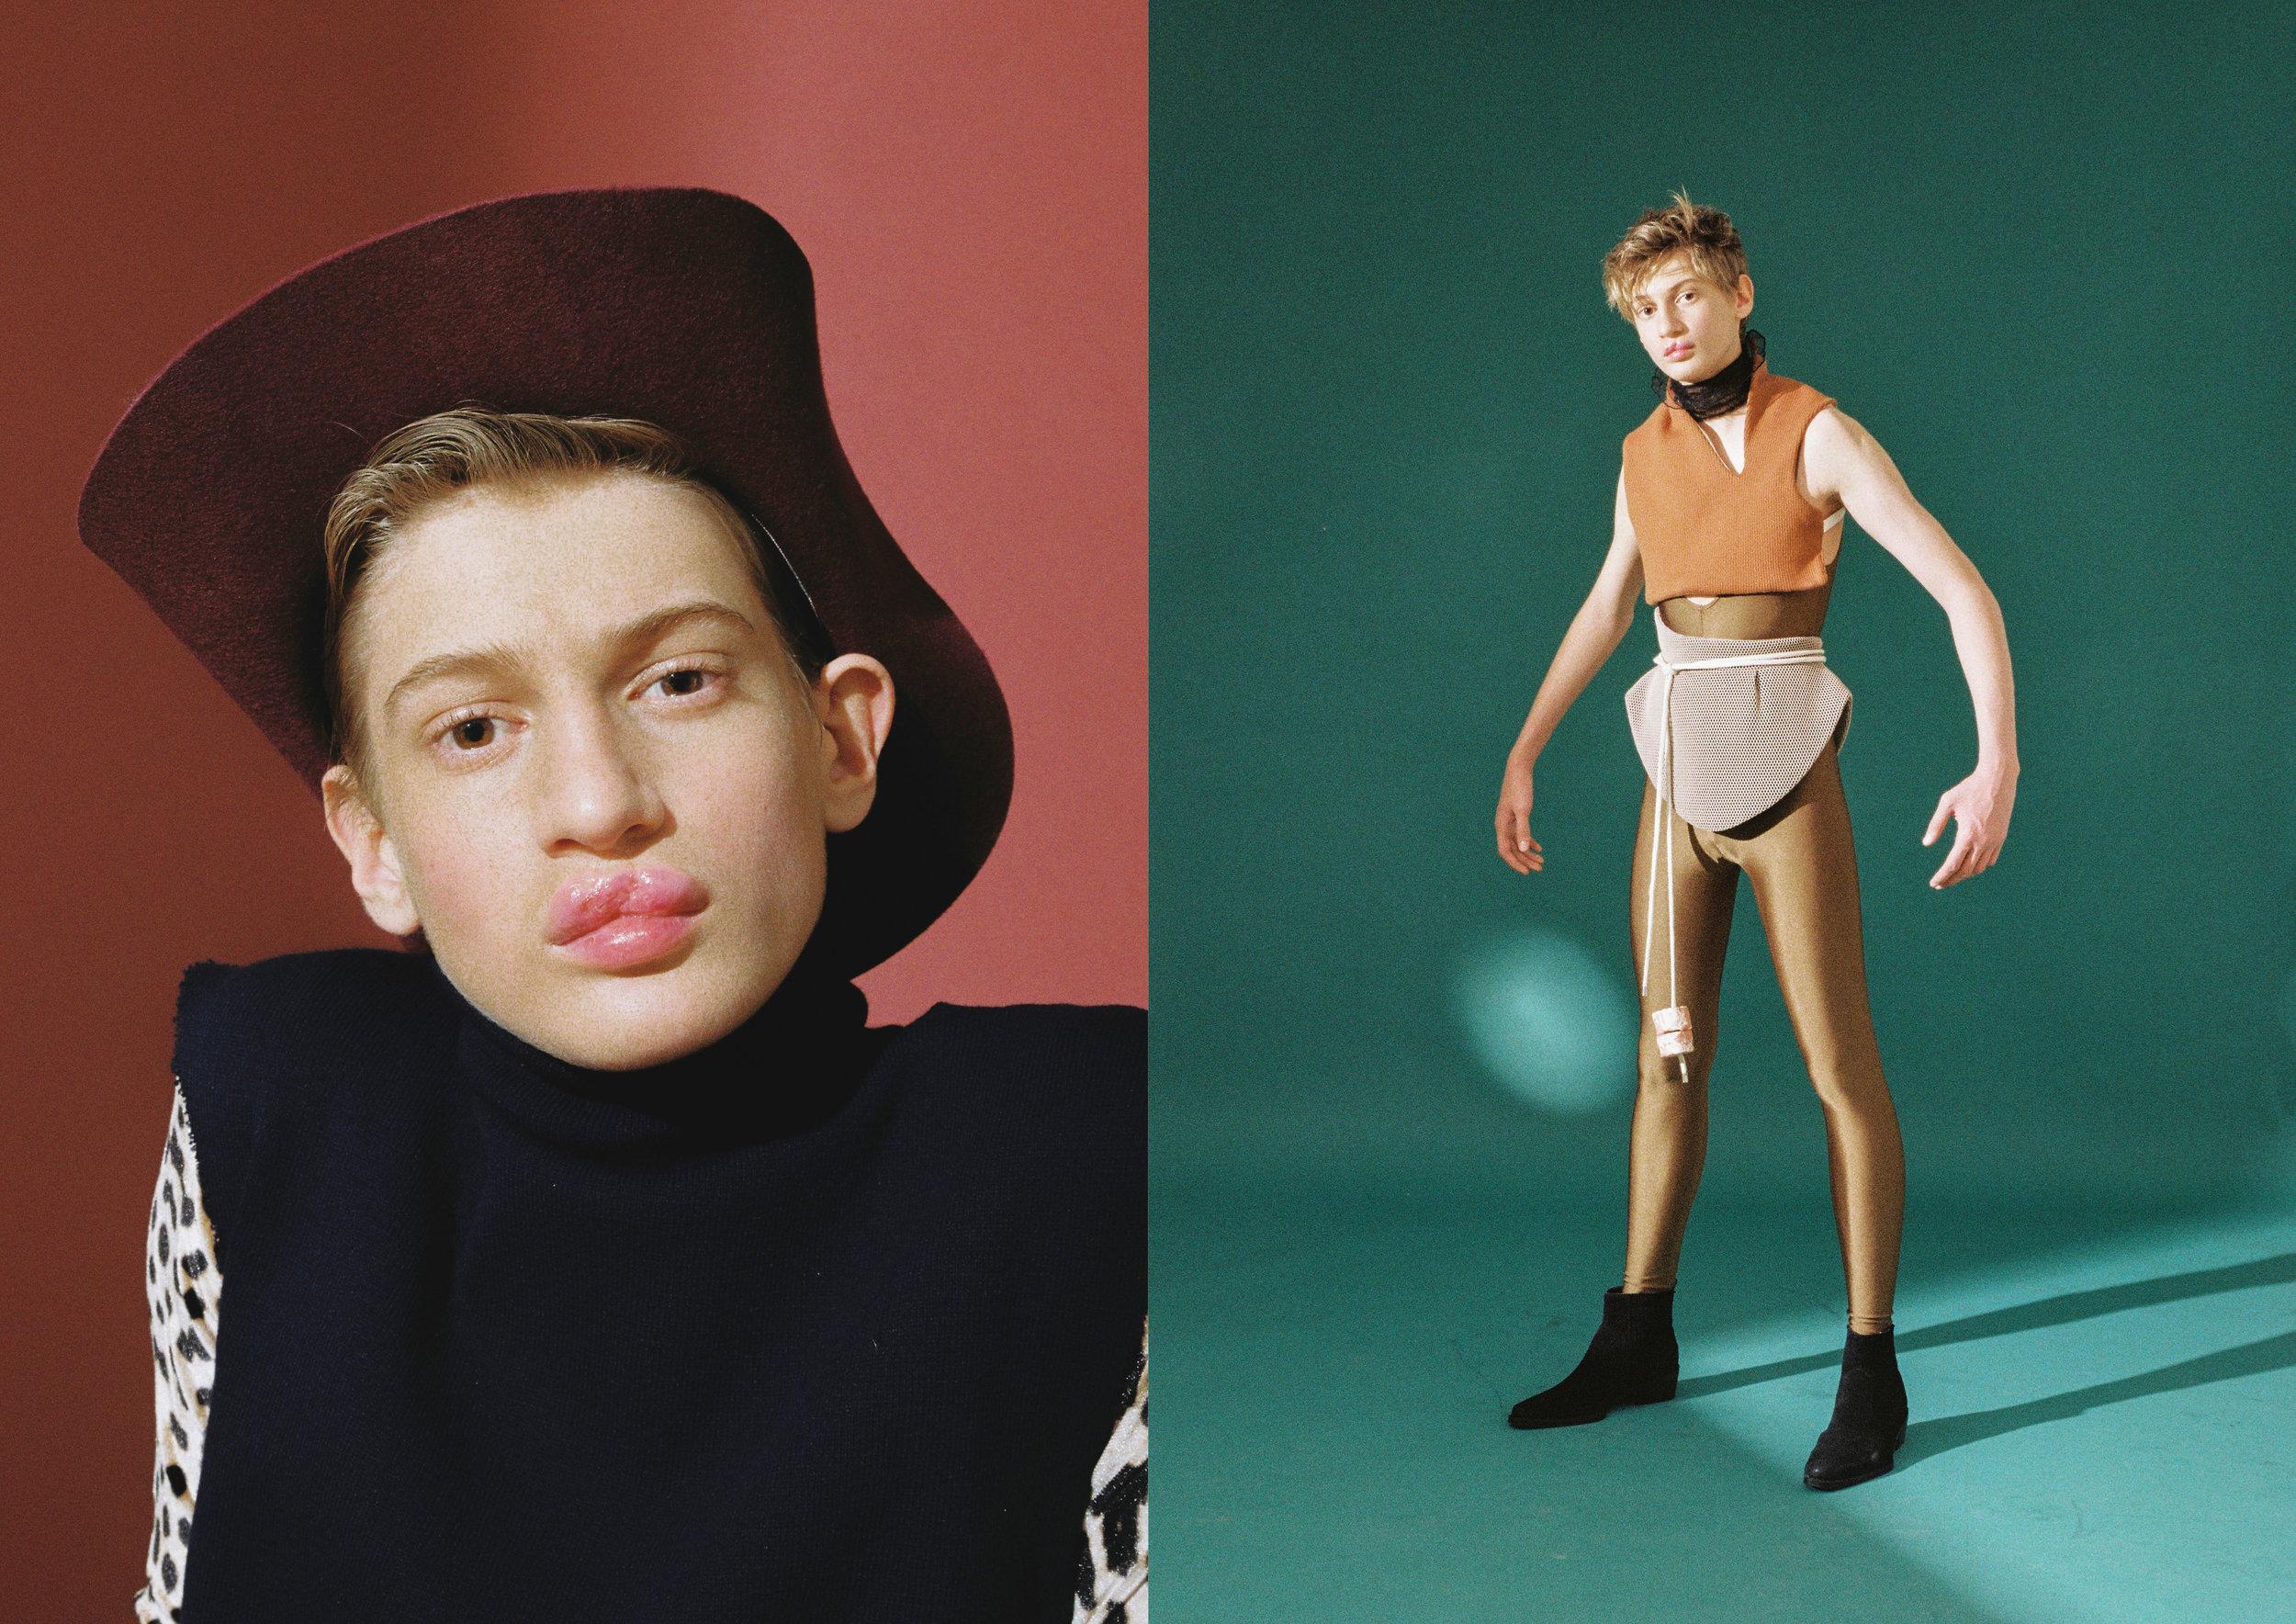 Izquierda: sombrero de  PARDO HATS , top de  CARLOTA BARRERA  y completo de  VERSACE .  Derecha: top y cintura de  CARLOTA BARRERA , pañuelo de  VALENTINO , faja de  VIOLETA ARELLANO , completo de  ROOM 89  y botas de  CALVIN KLEIN.